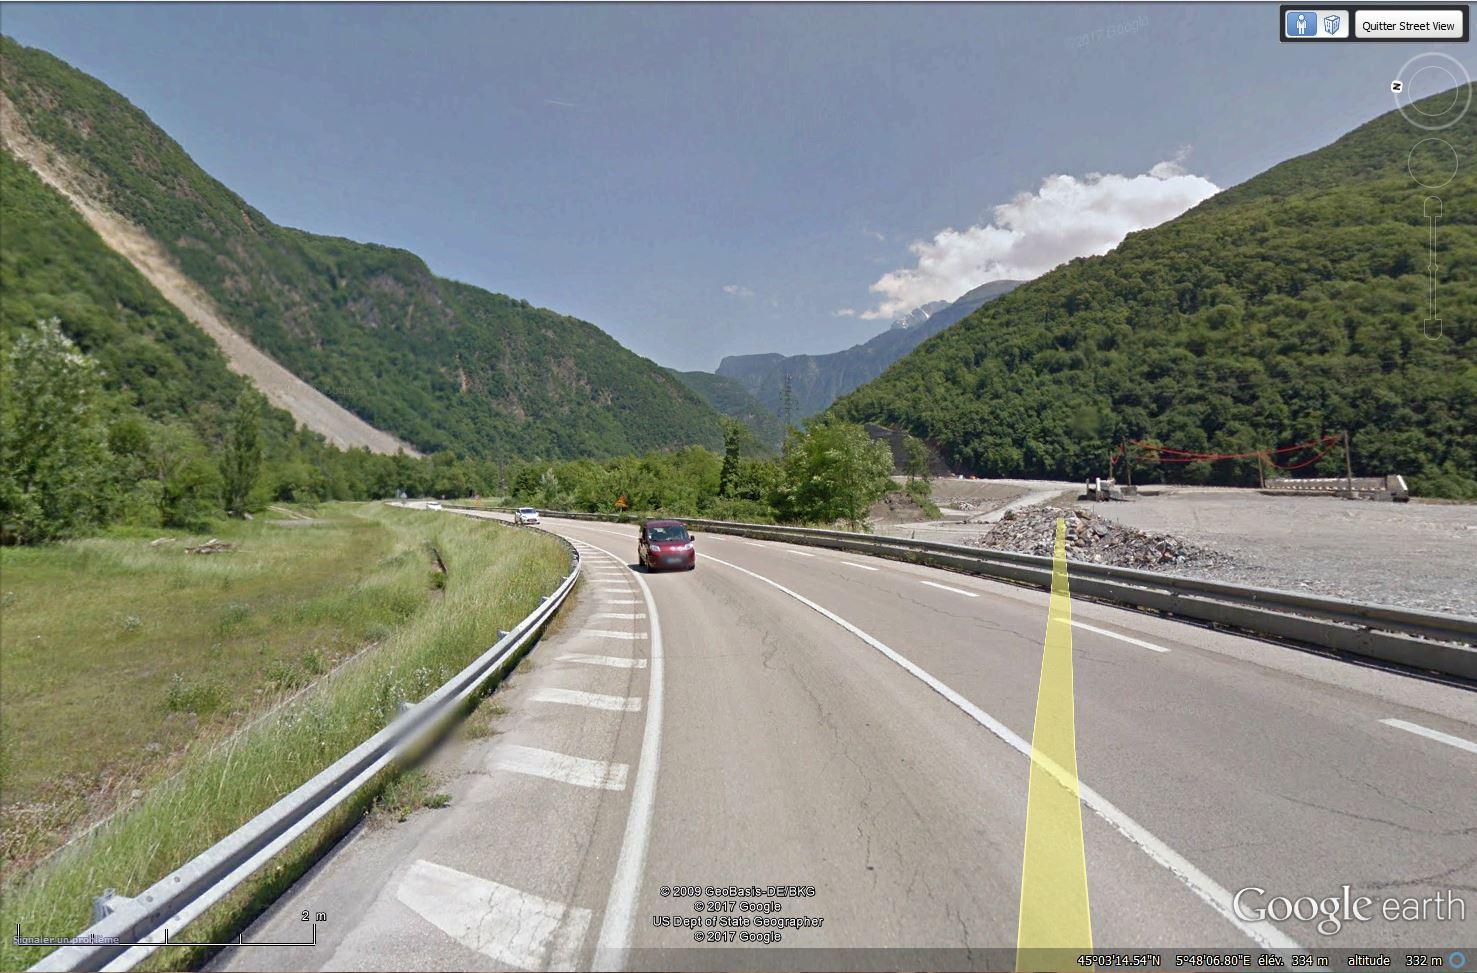 [Désormais visible sur Google Earth] - Le barrage hydroélectrique de Gavet sur la Romanche - Isère Tsge_197